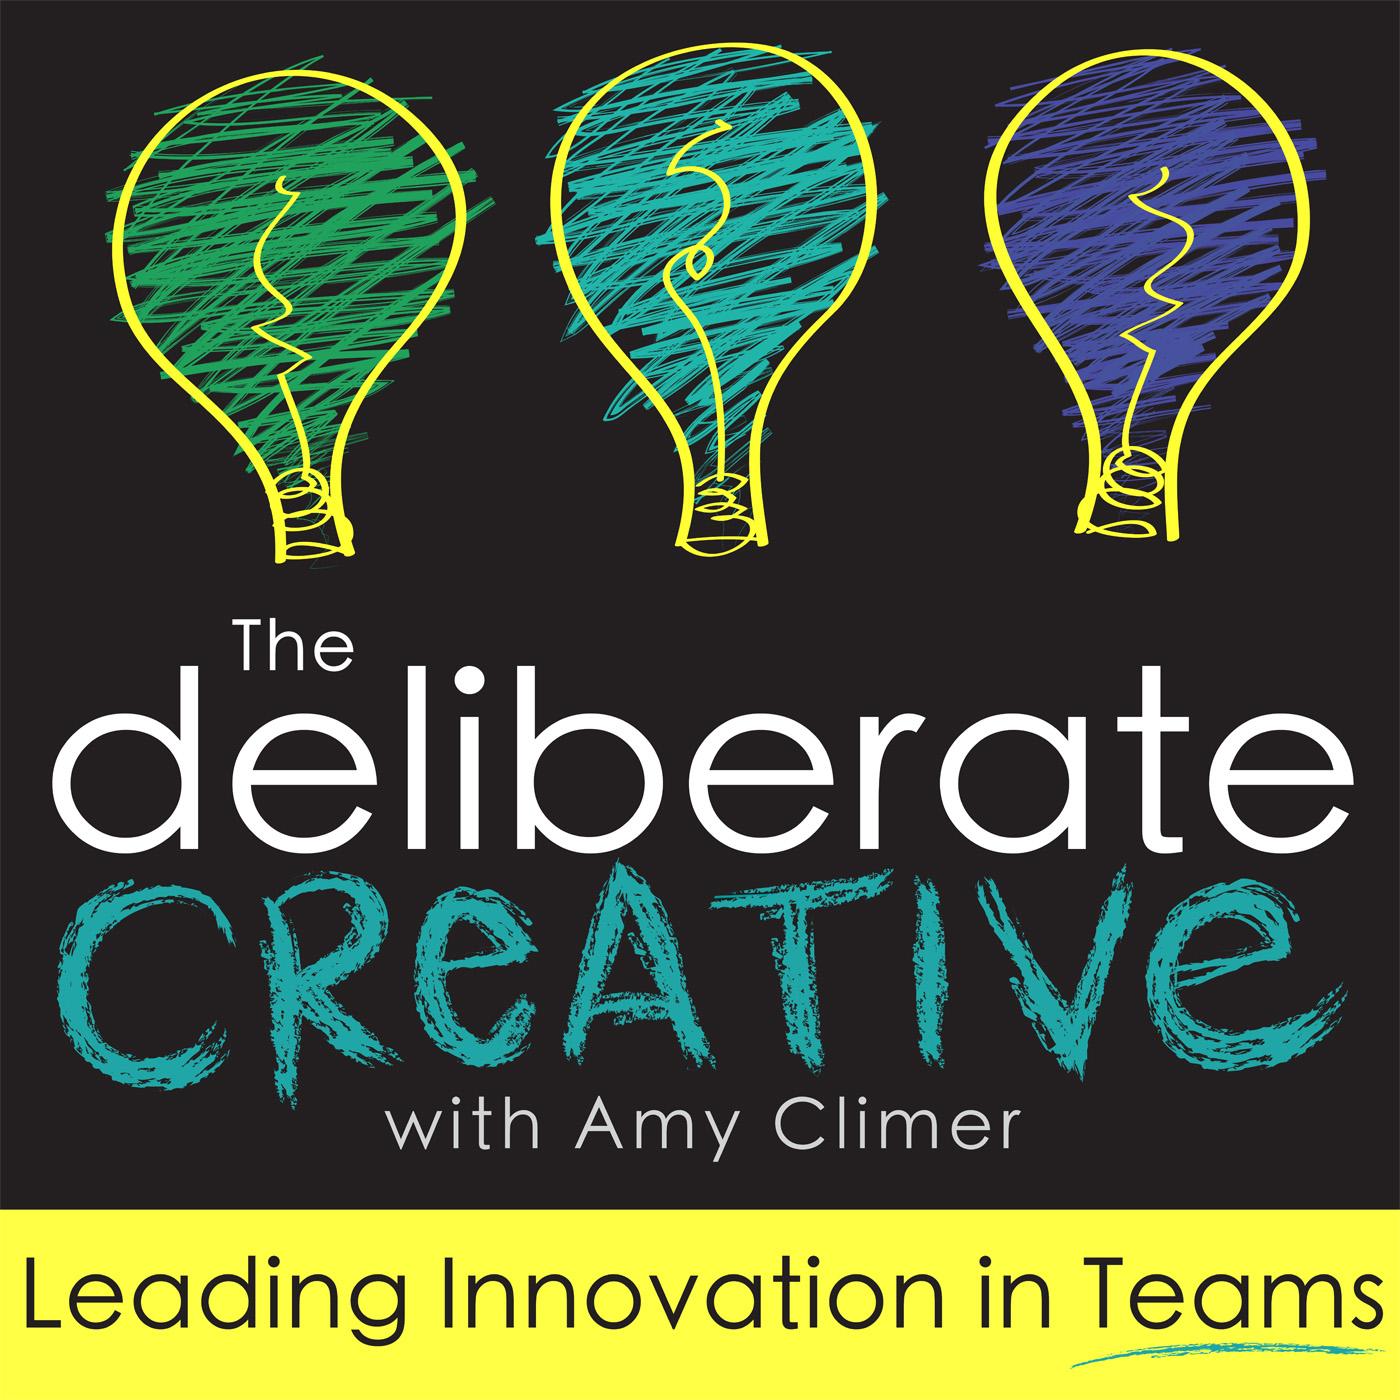 DeliberateCreativeCover1400.jpg